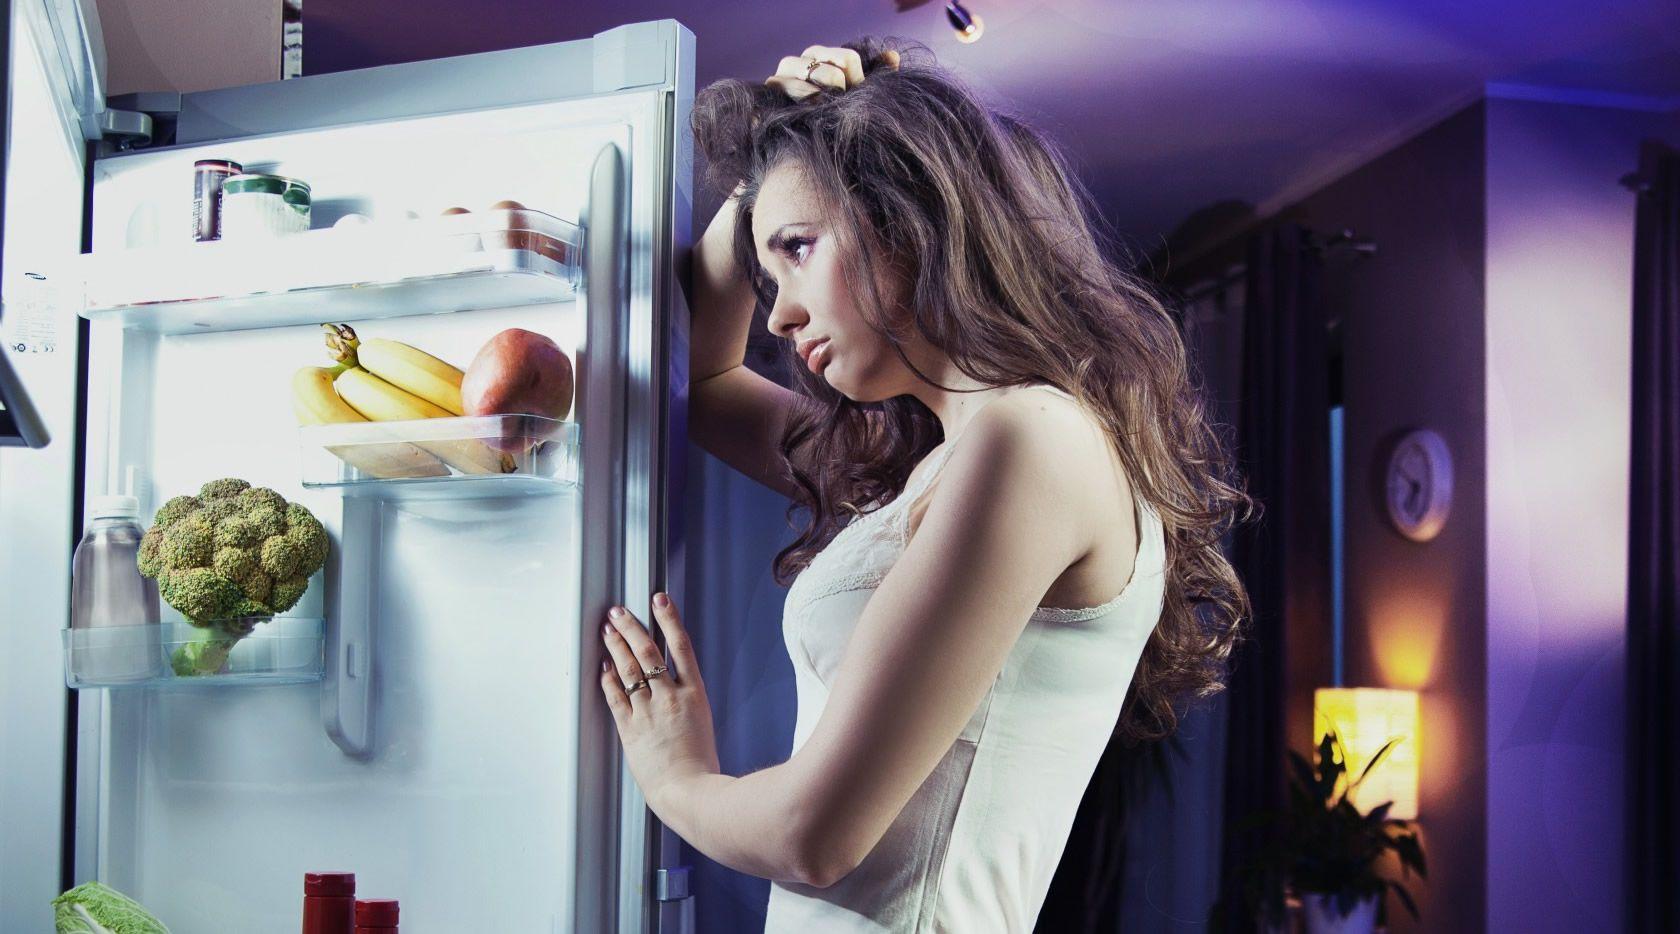 Comer grandes quantidades a noite engorda? Verdade ou Mito?